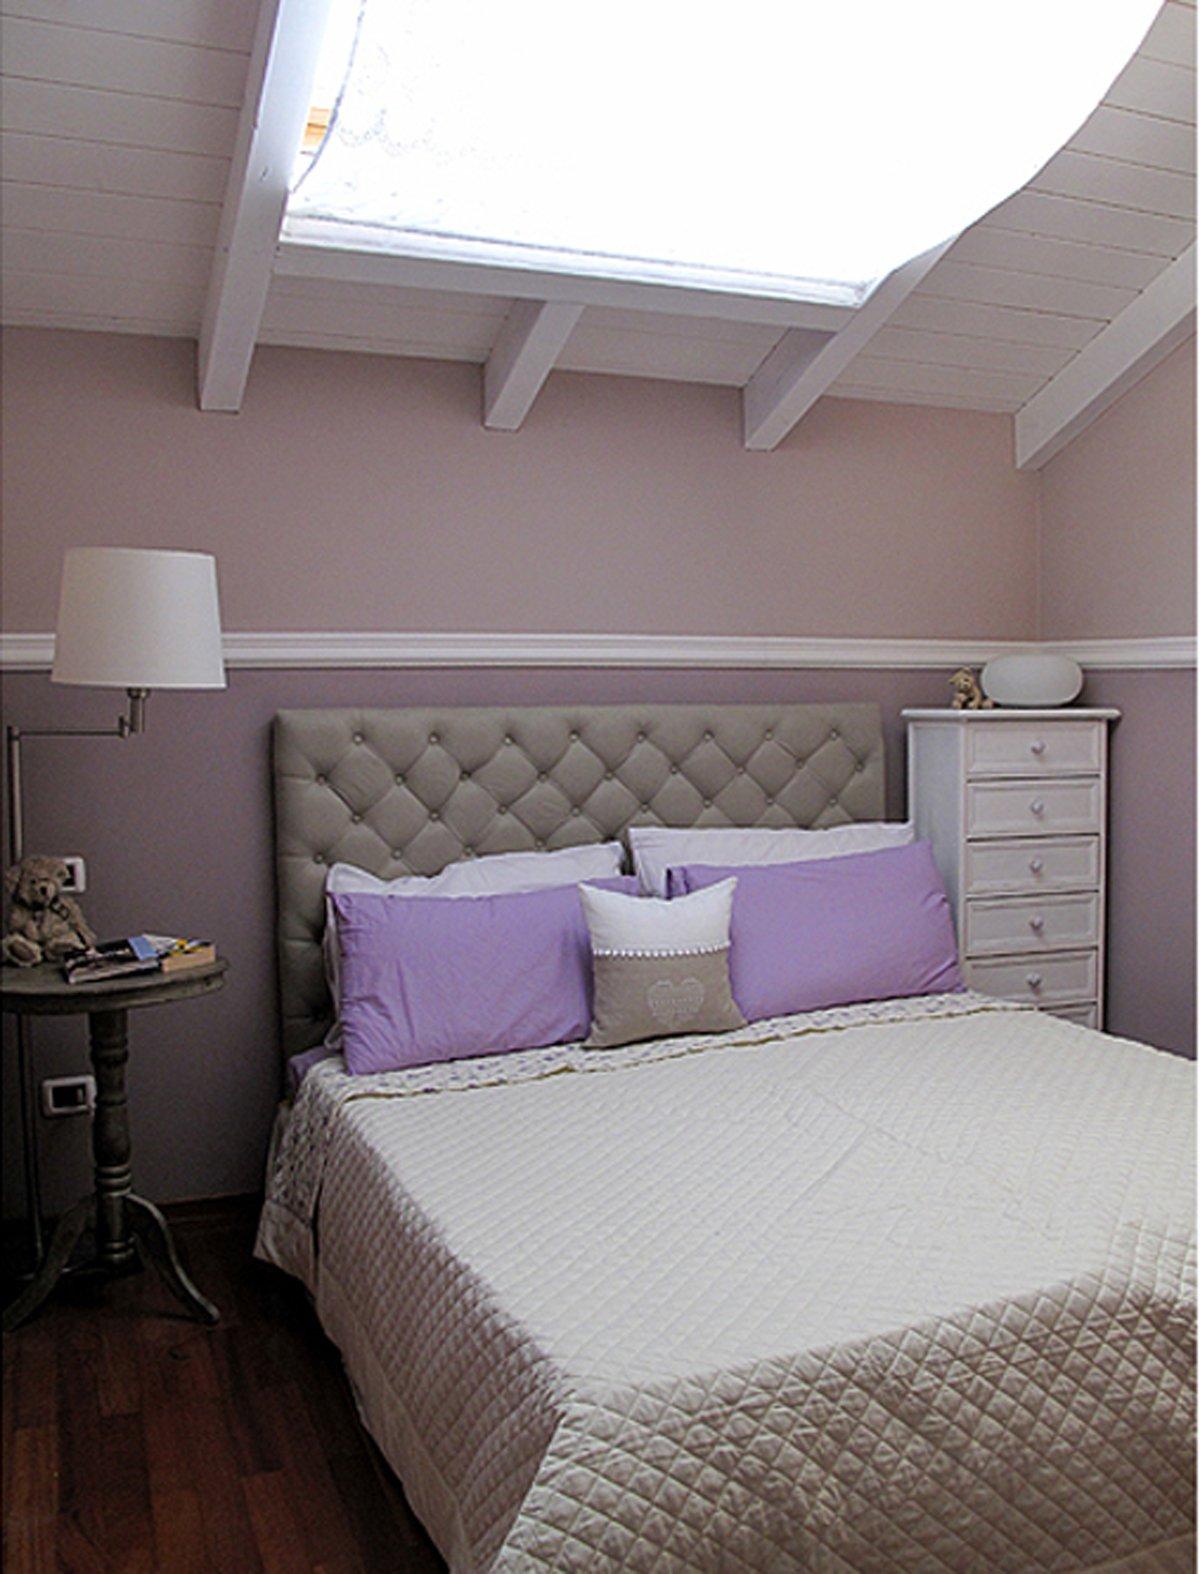 Camera da letto relooking con poca spesa cose di casa - Testata letto maison du monde ...